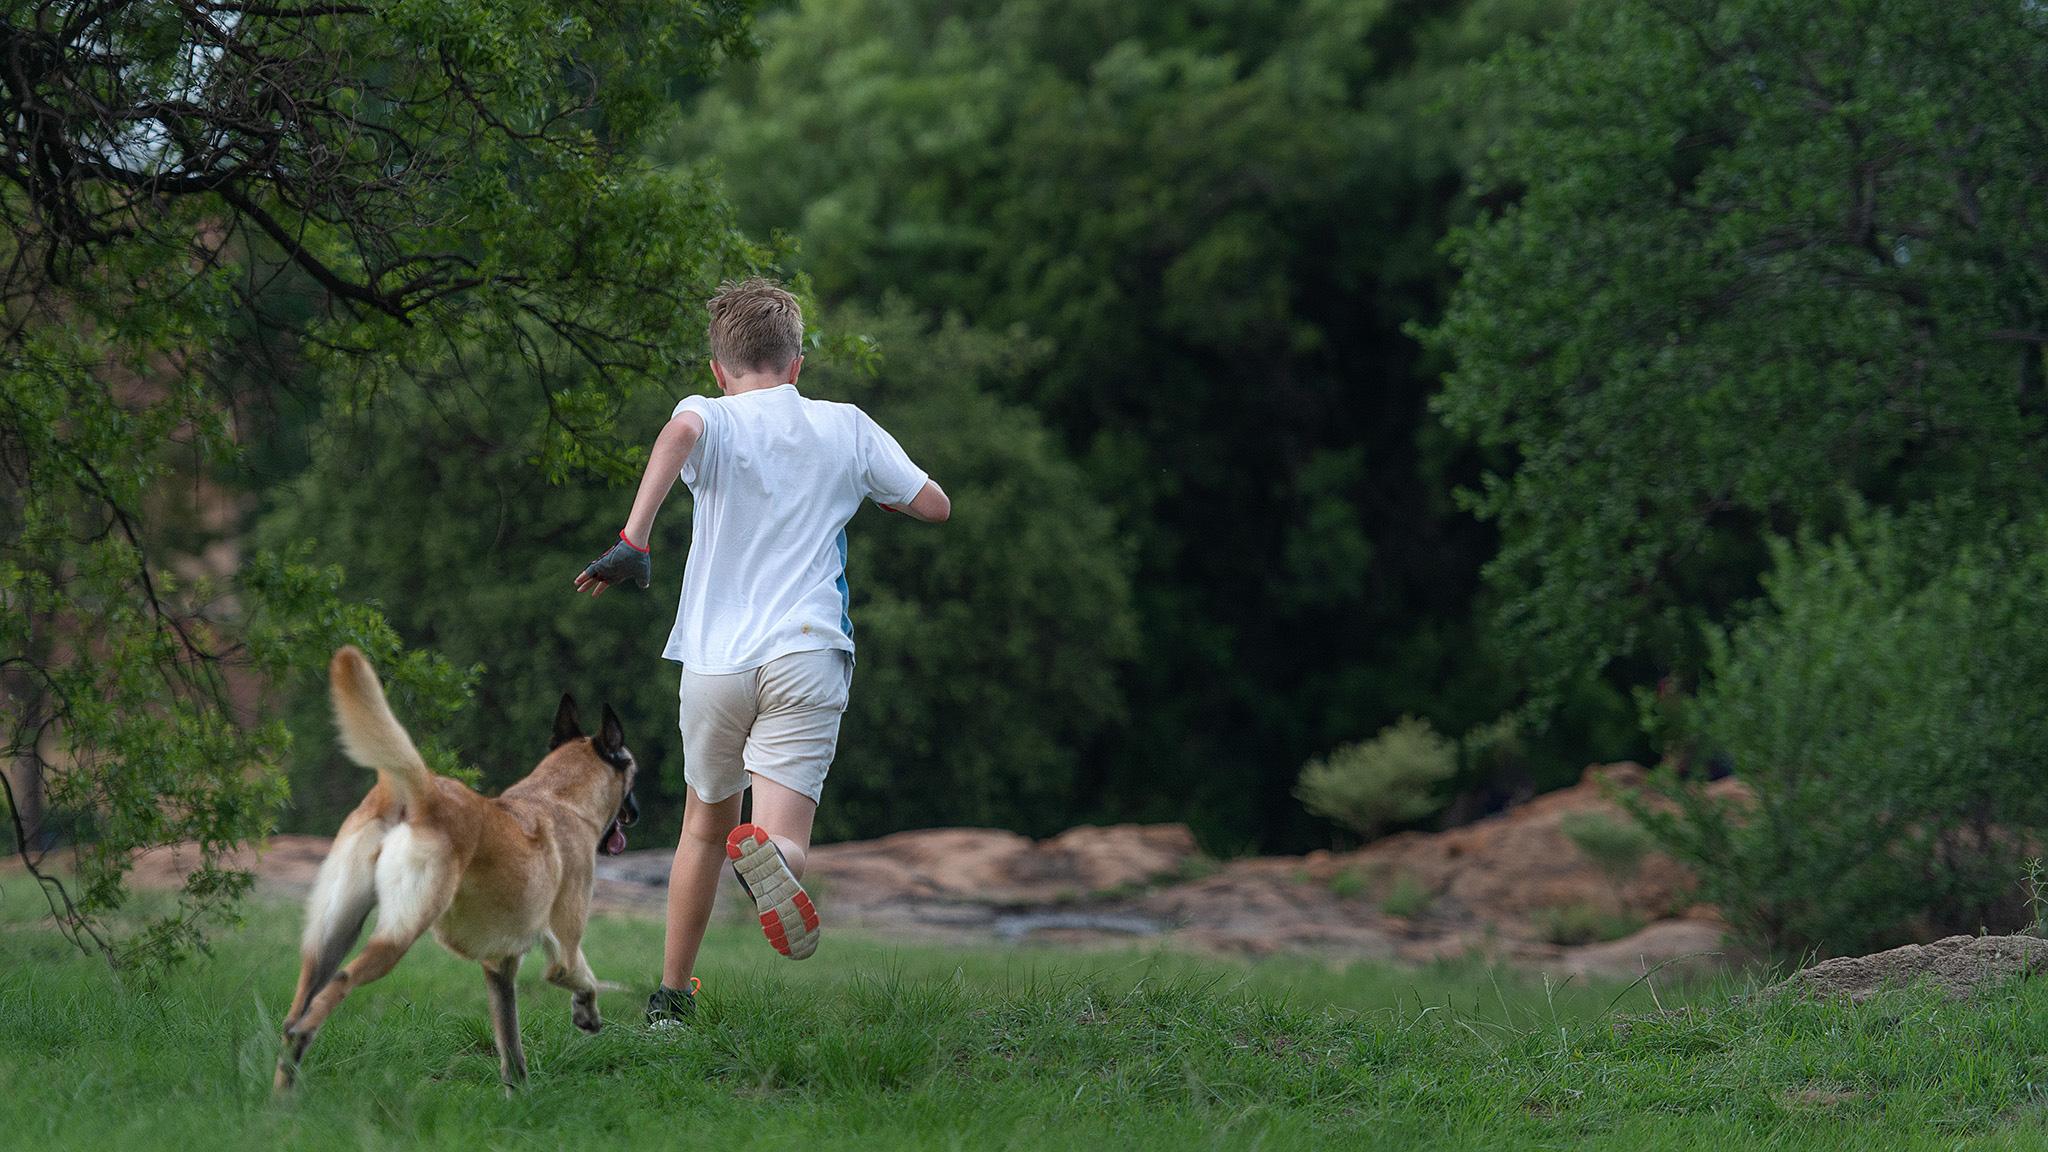 Pet Photographer, Johannesburg, Gauteng, South Africa